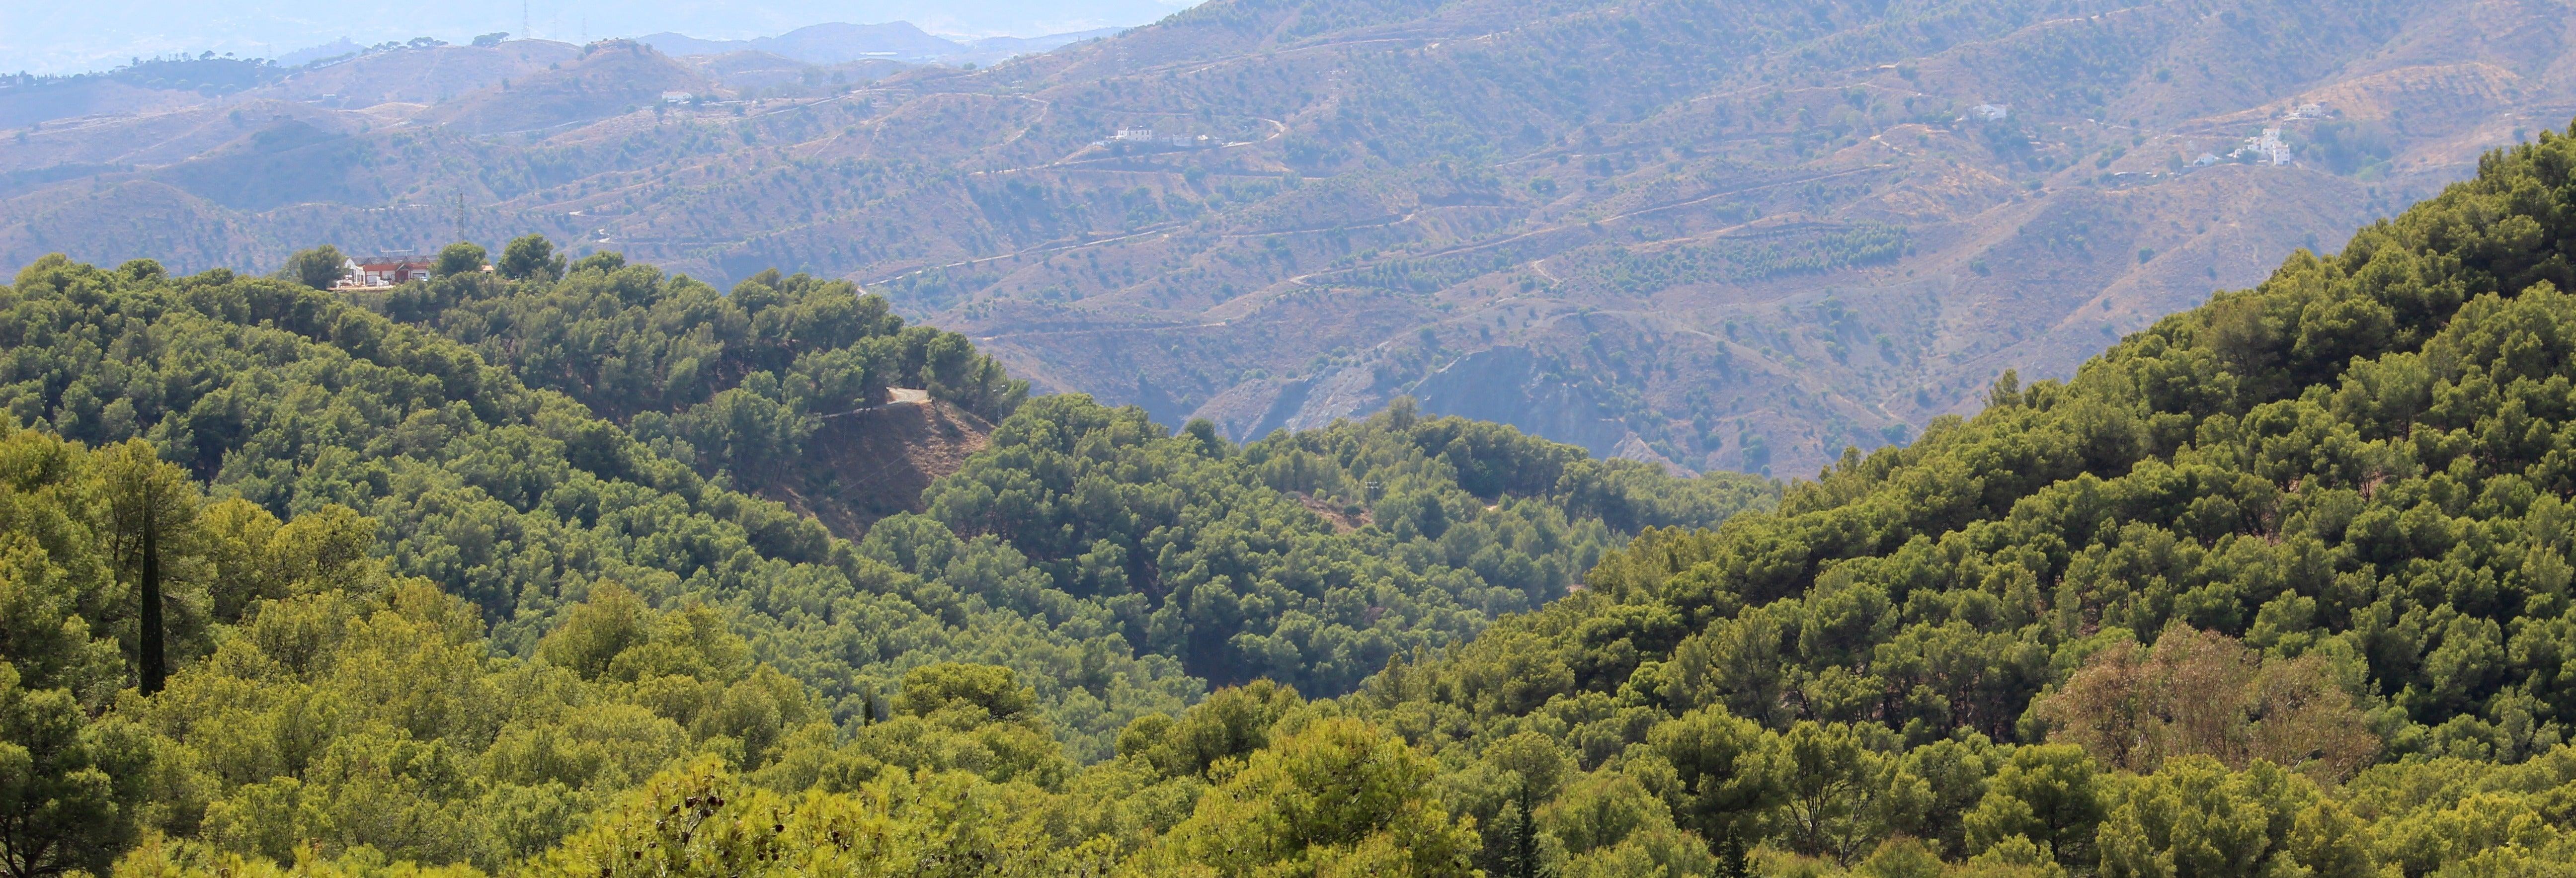 Senderismo por los Montes de Málaga